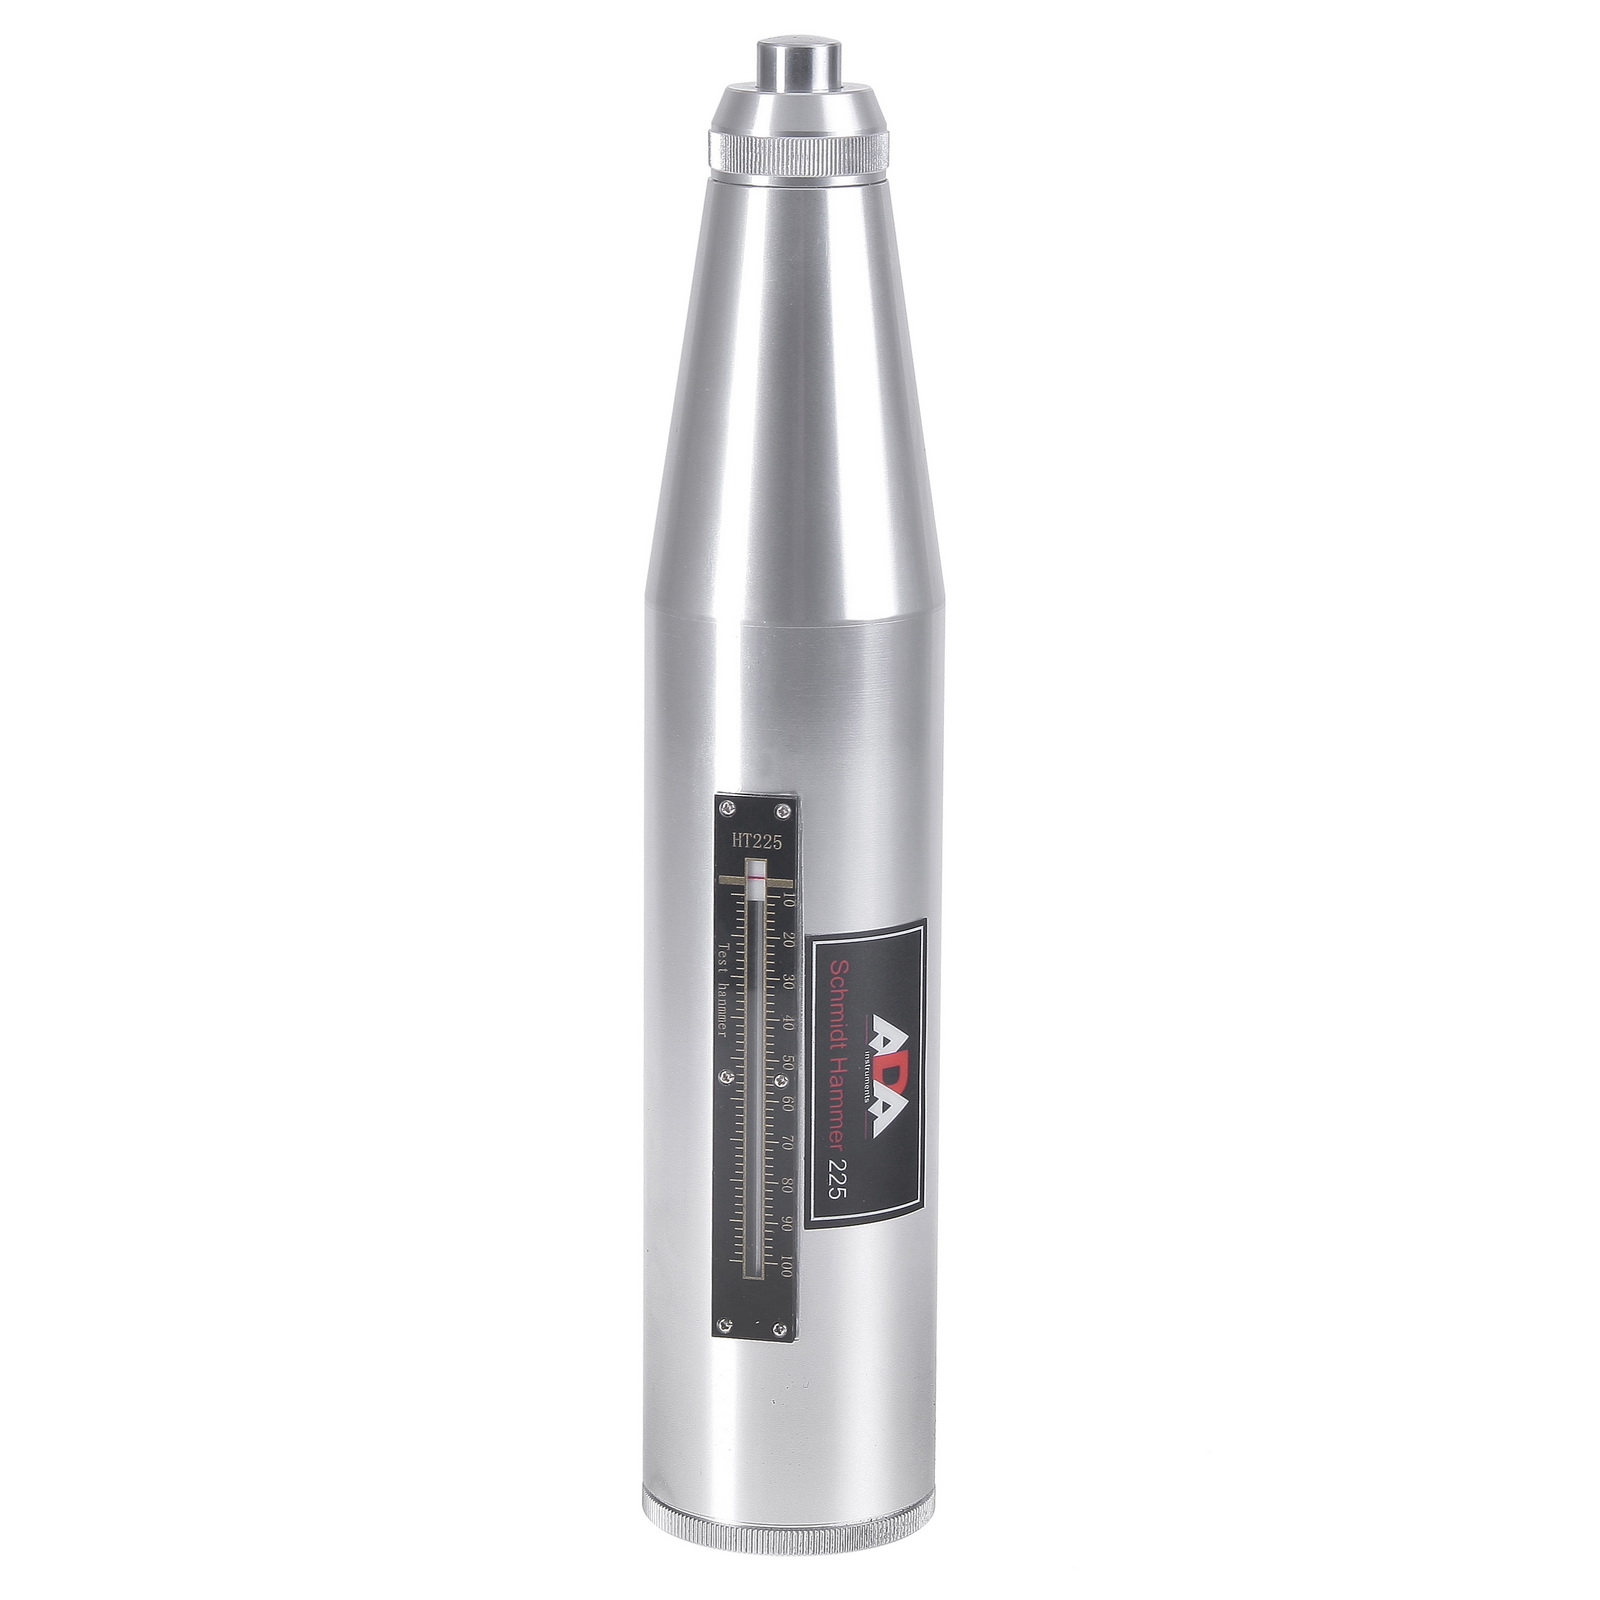 Измеритель прочности бетона Ada Schmidt hammer 225 приемник излучения ada lr 60